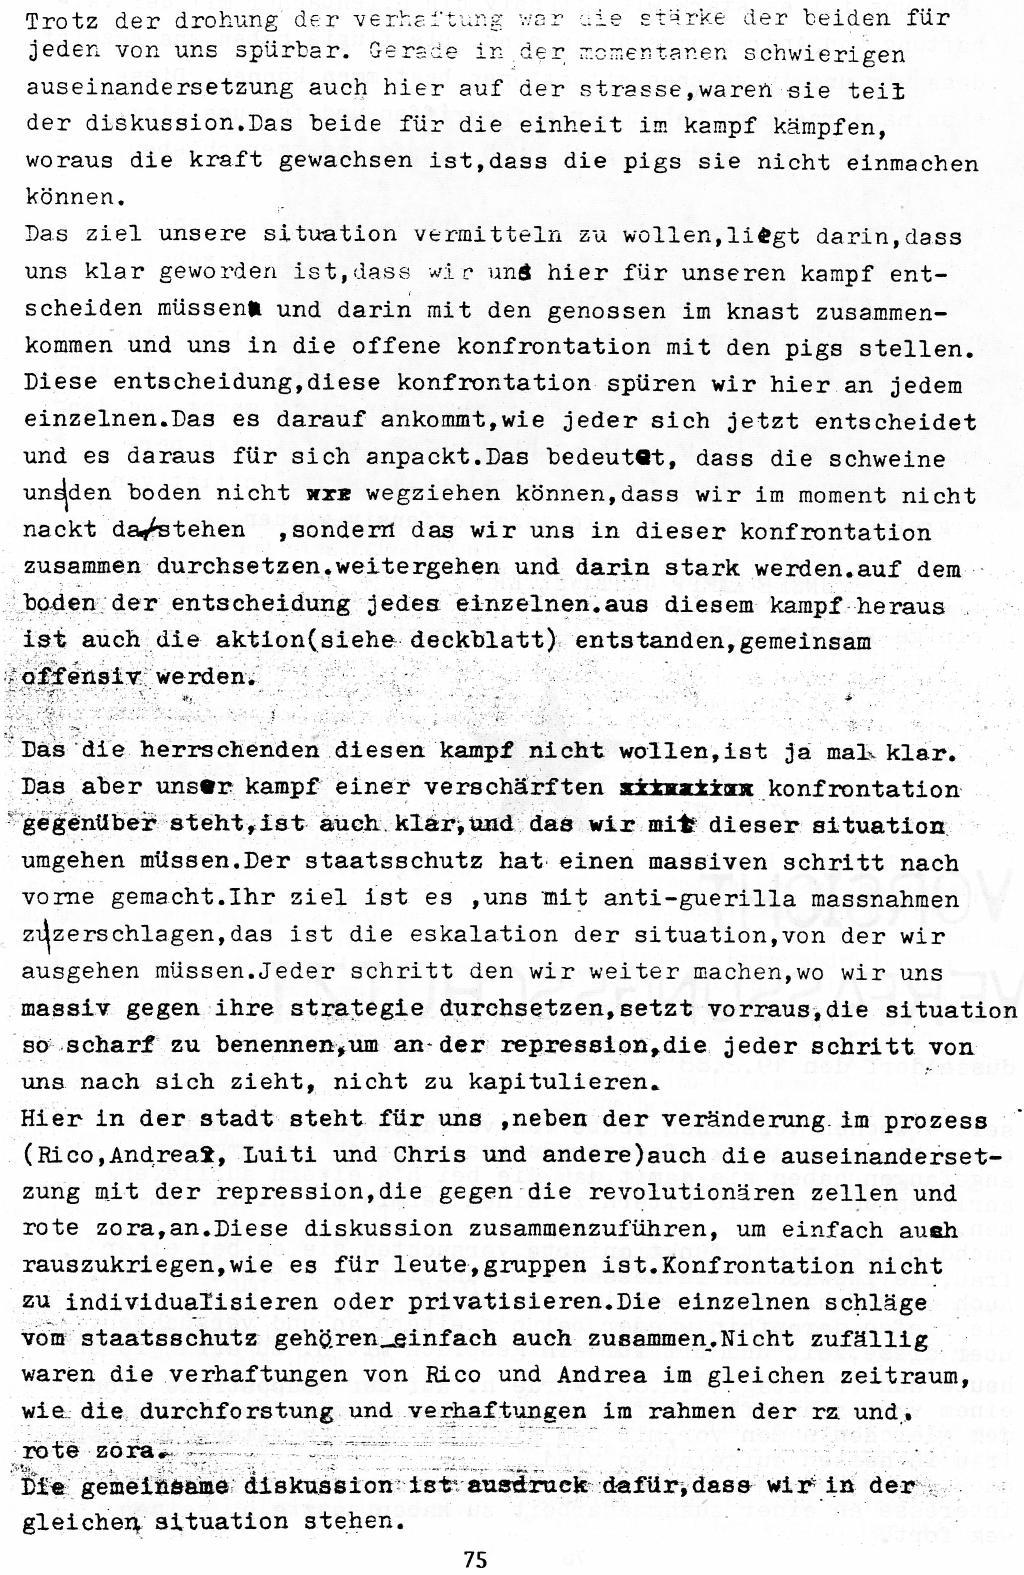 Duesseldorf_1989_Sechs_Politische_Gefangene_075